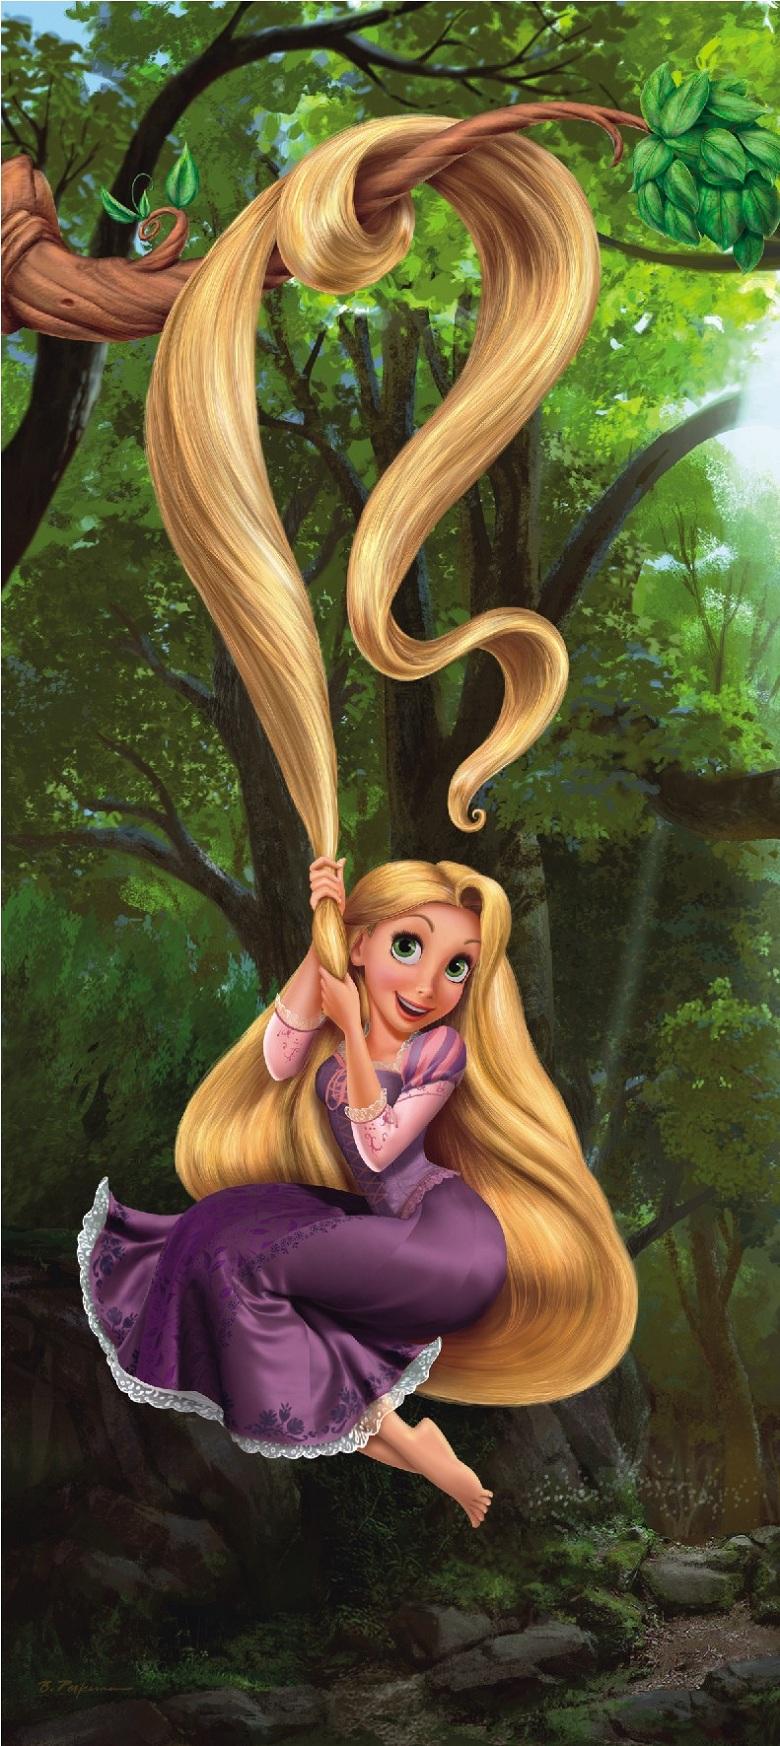 Fototapeten Kinderzimmer G?nstig : S?sse Fototapeten Kinderzimmer Poster Disney Rapunzel g?nstig online